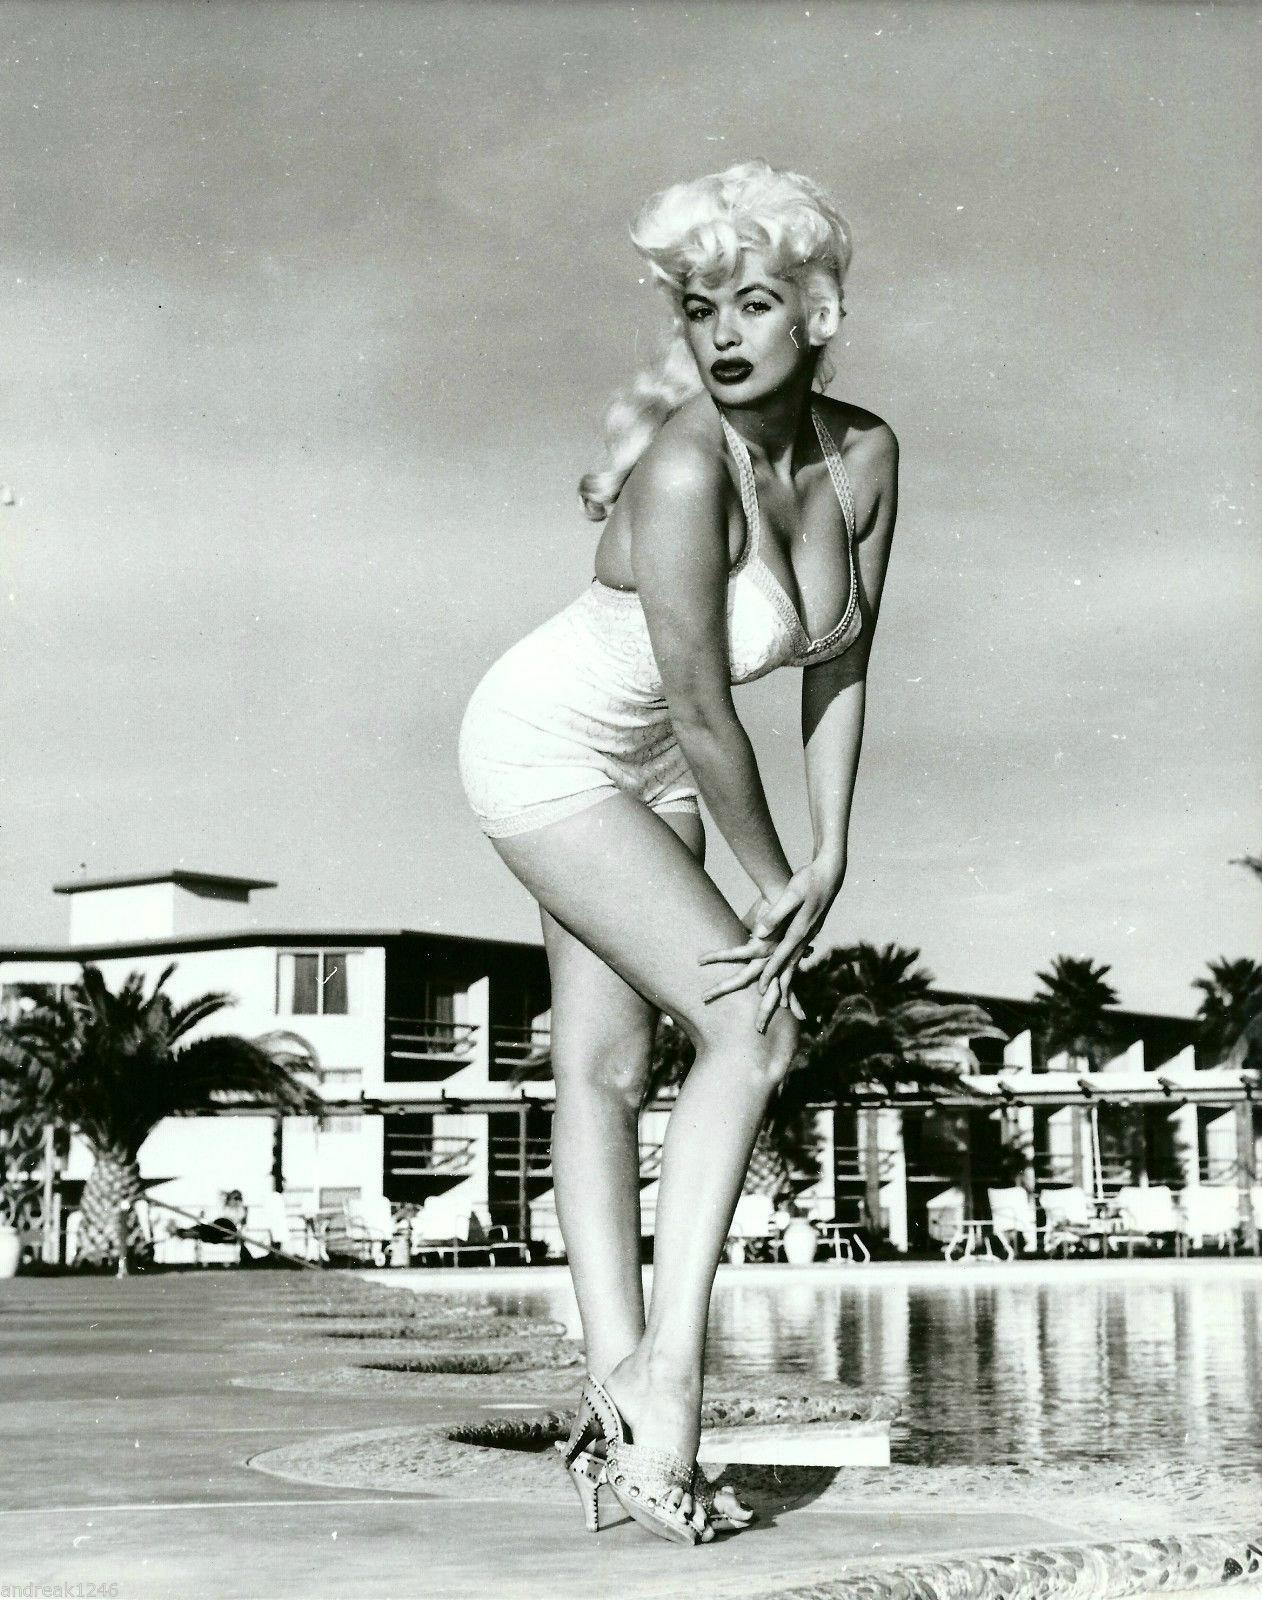 jayne-1958-02-las_vegas-tropicana_casino-1-1